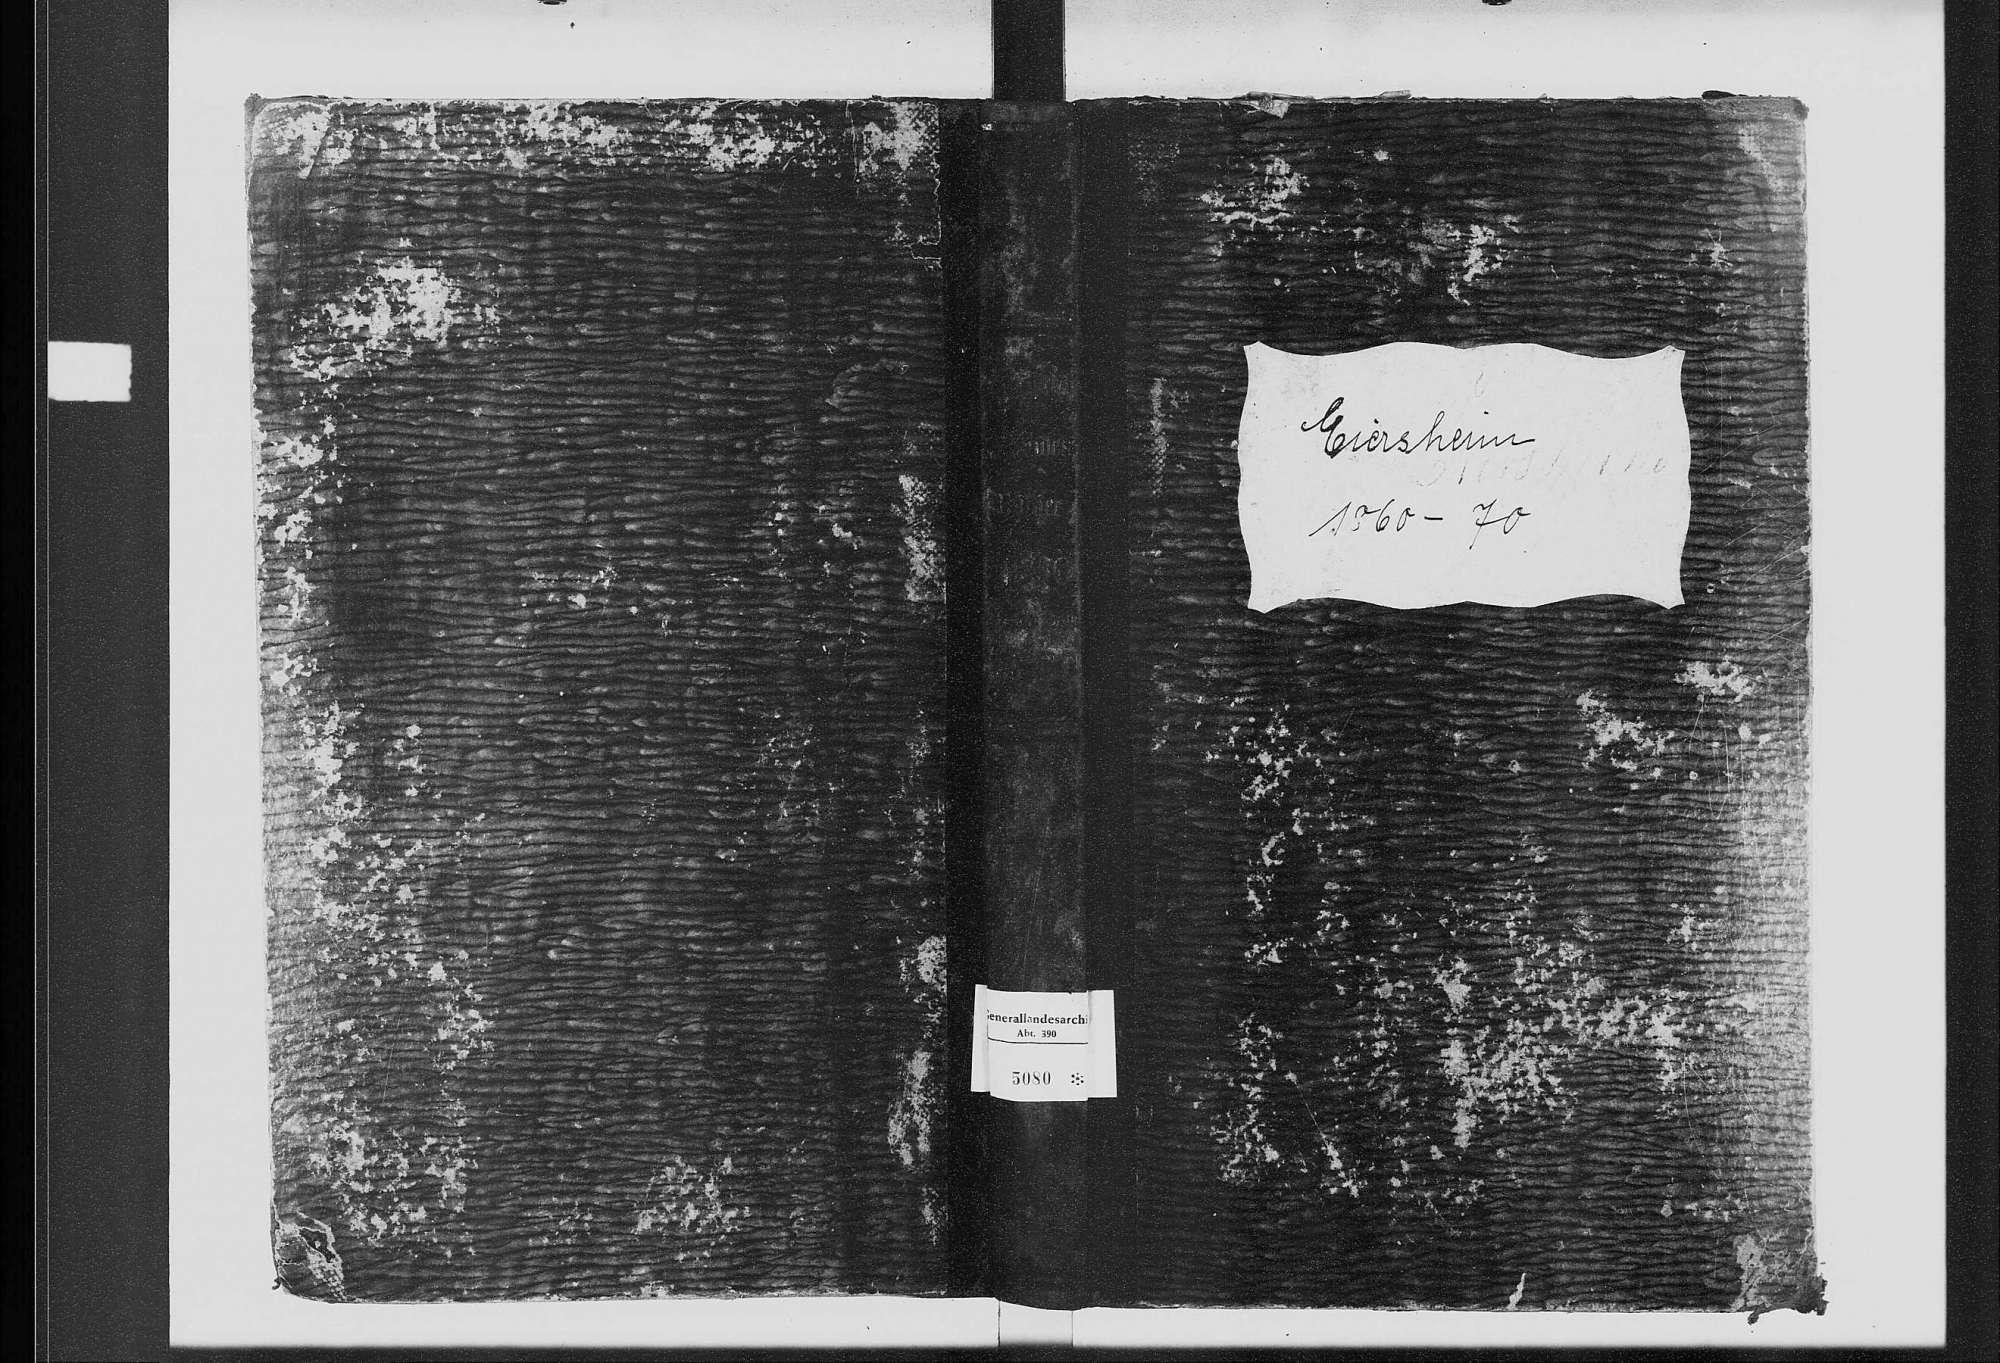 Eiersheim, katholische Gemeinde: Standesbuch 1860-1870, Bild 2